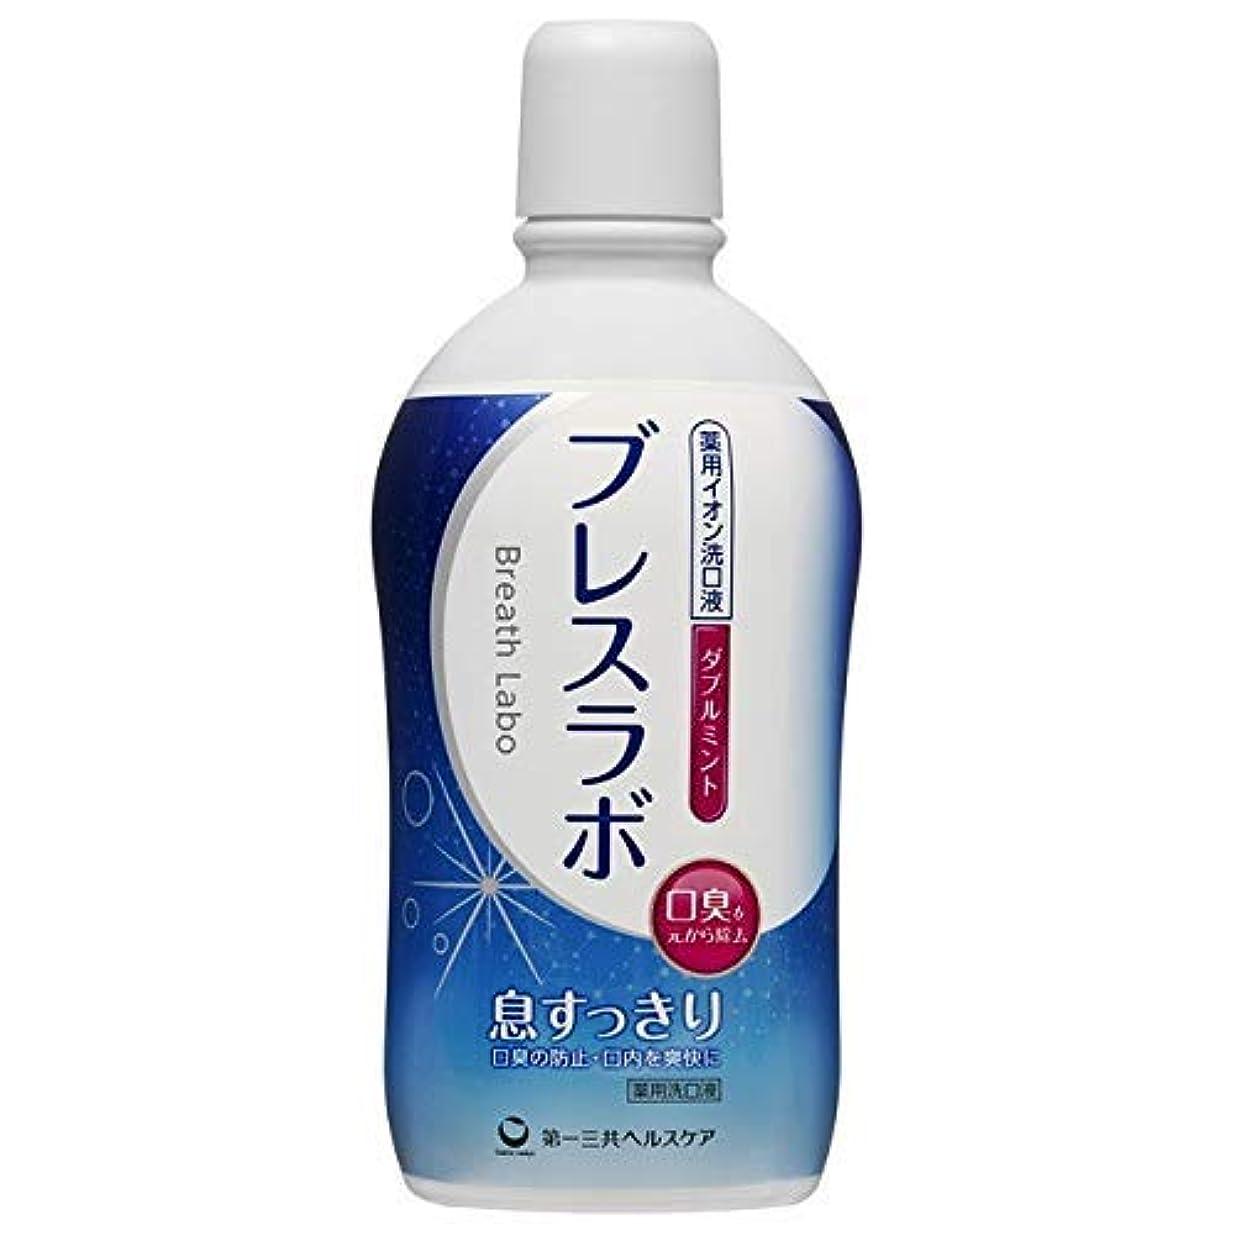 セクション細部無許可第一三共ヘルスケア 薬用イオン洗口液 ブレスラボ マウスウォッシュ ダブルミント 450mL